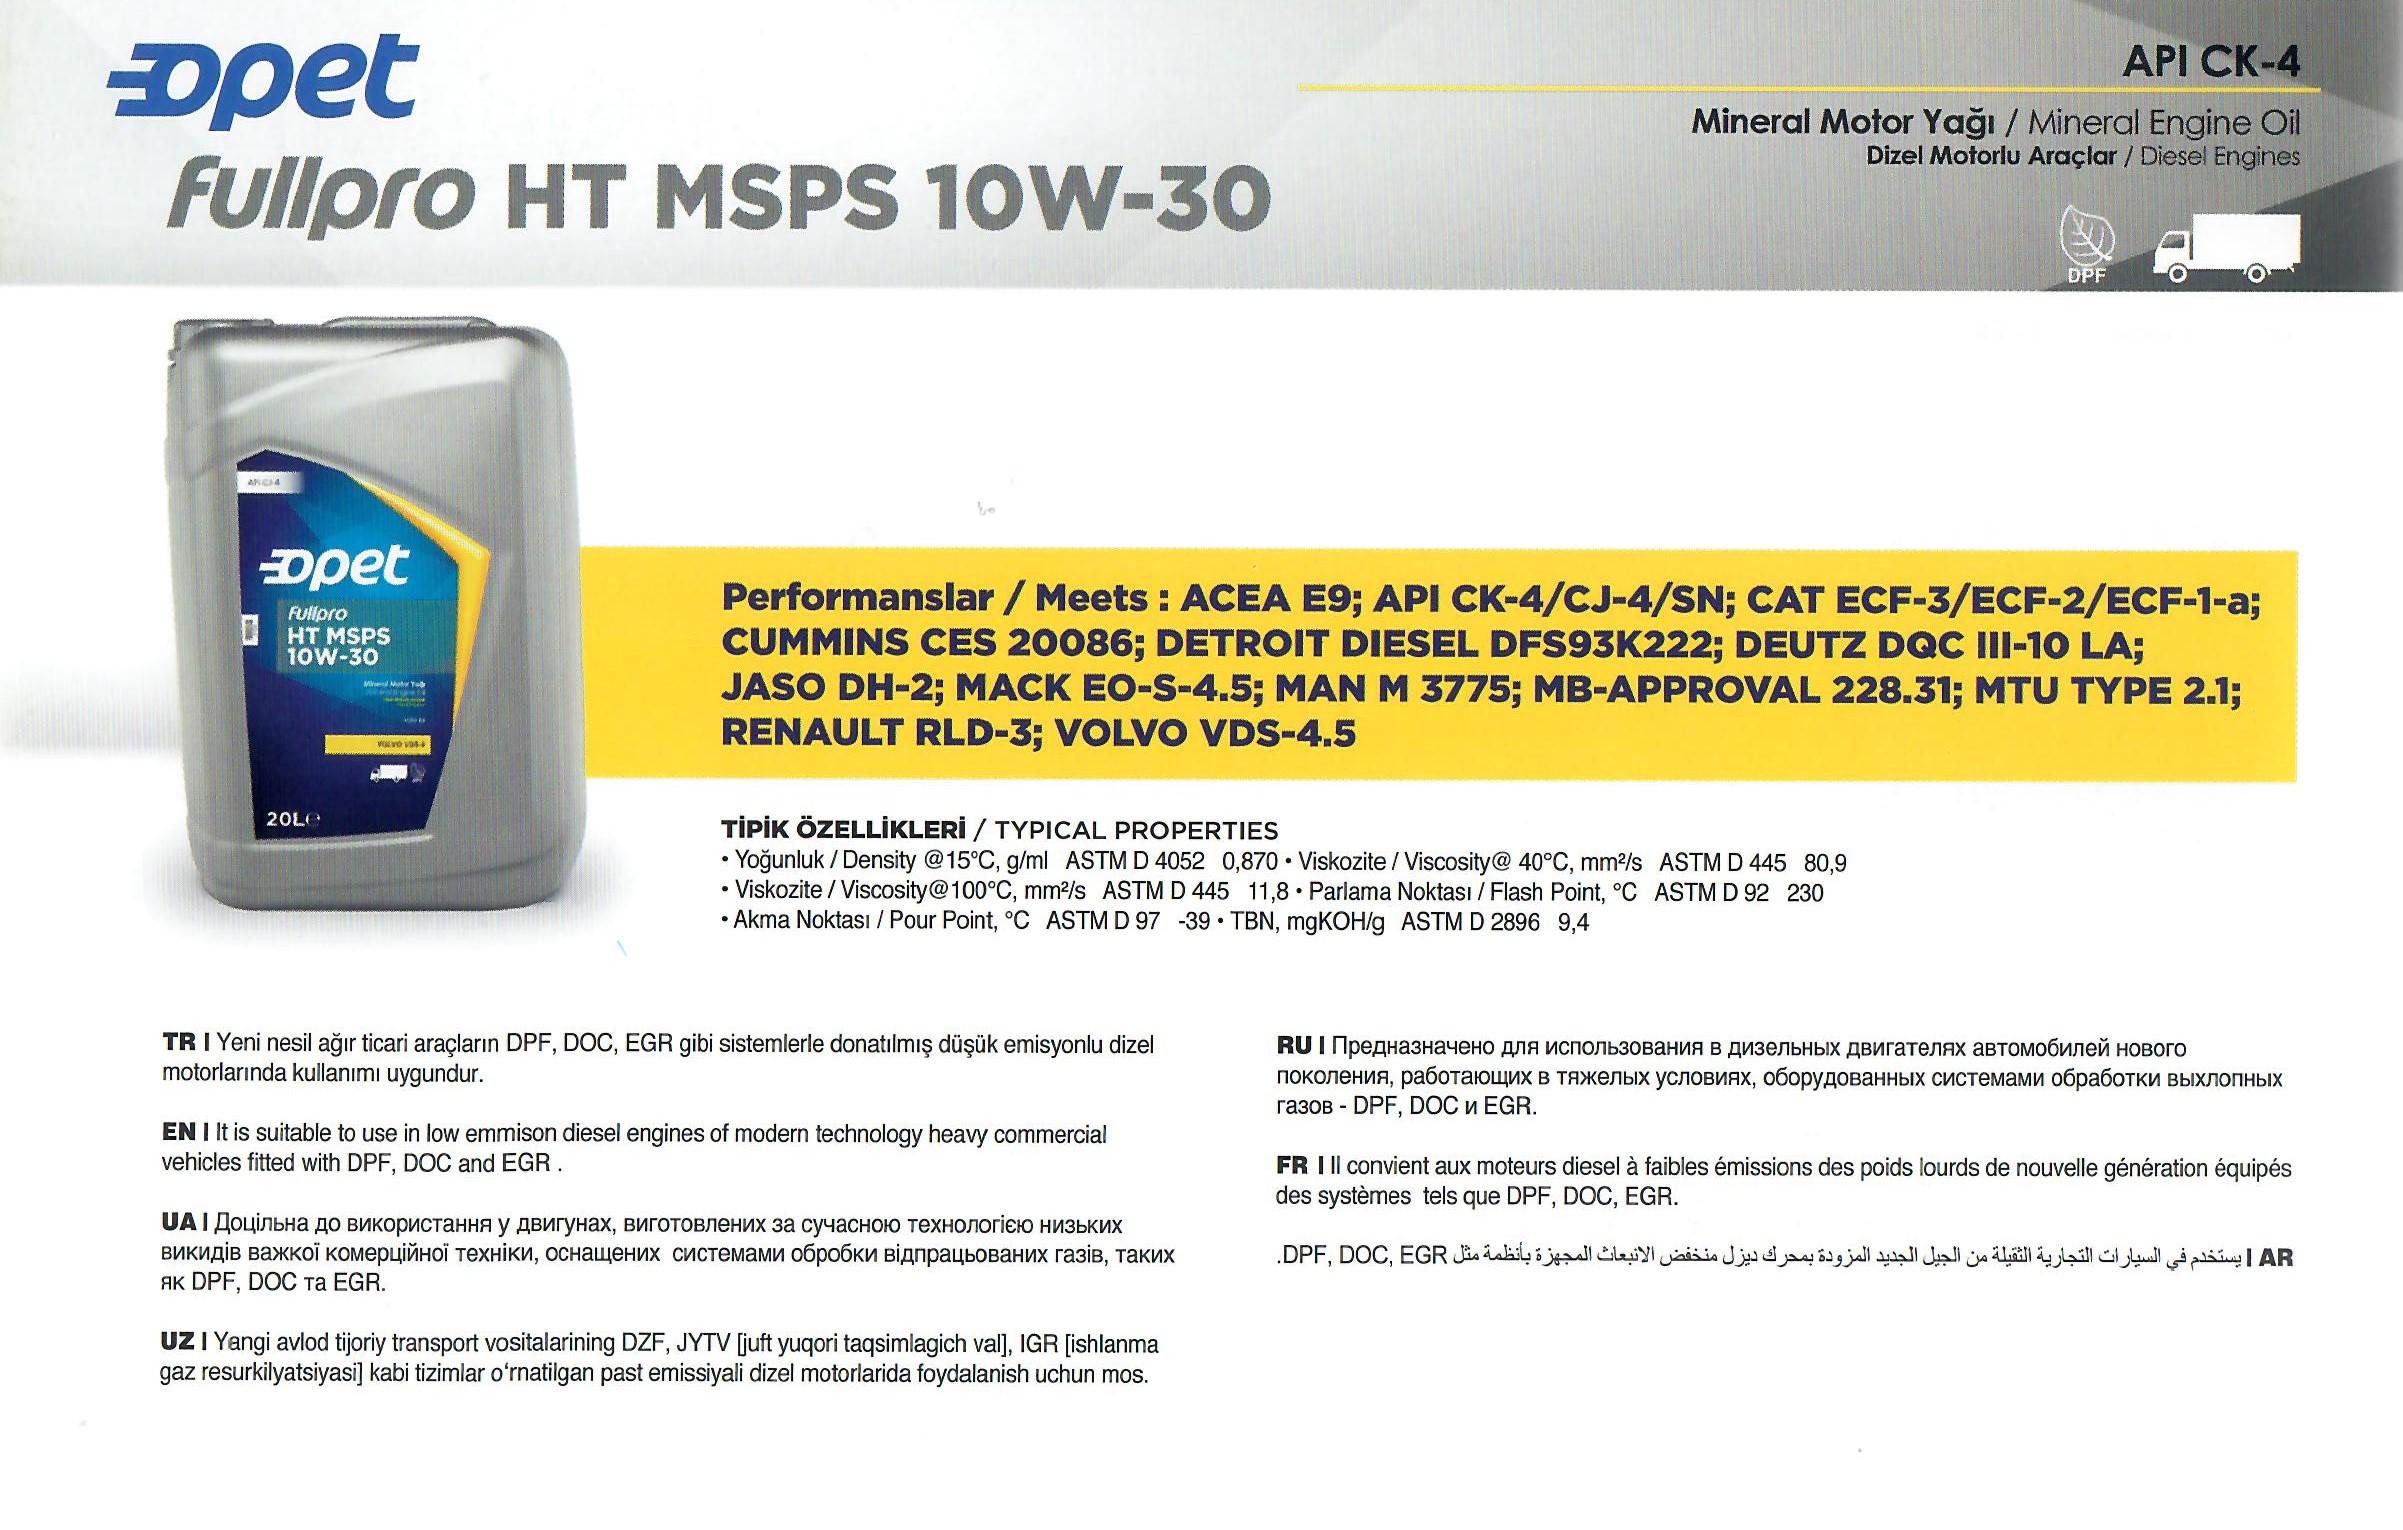 FULLPRO HT MSPS 10W-30